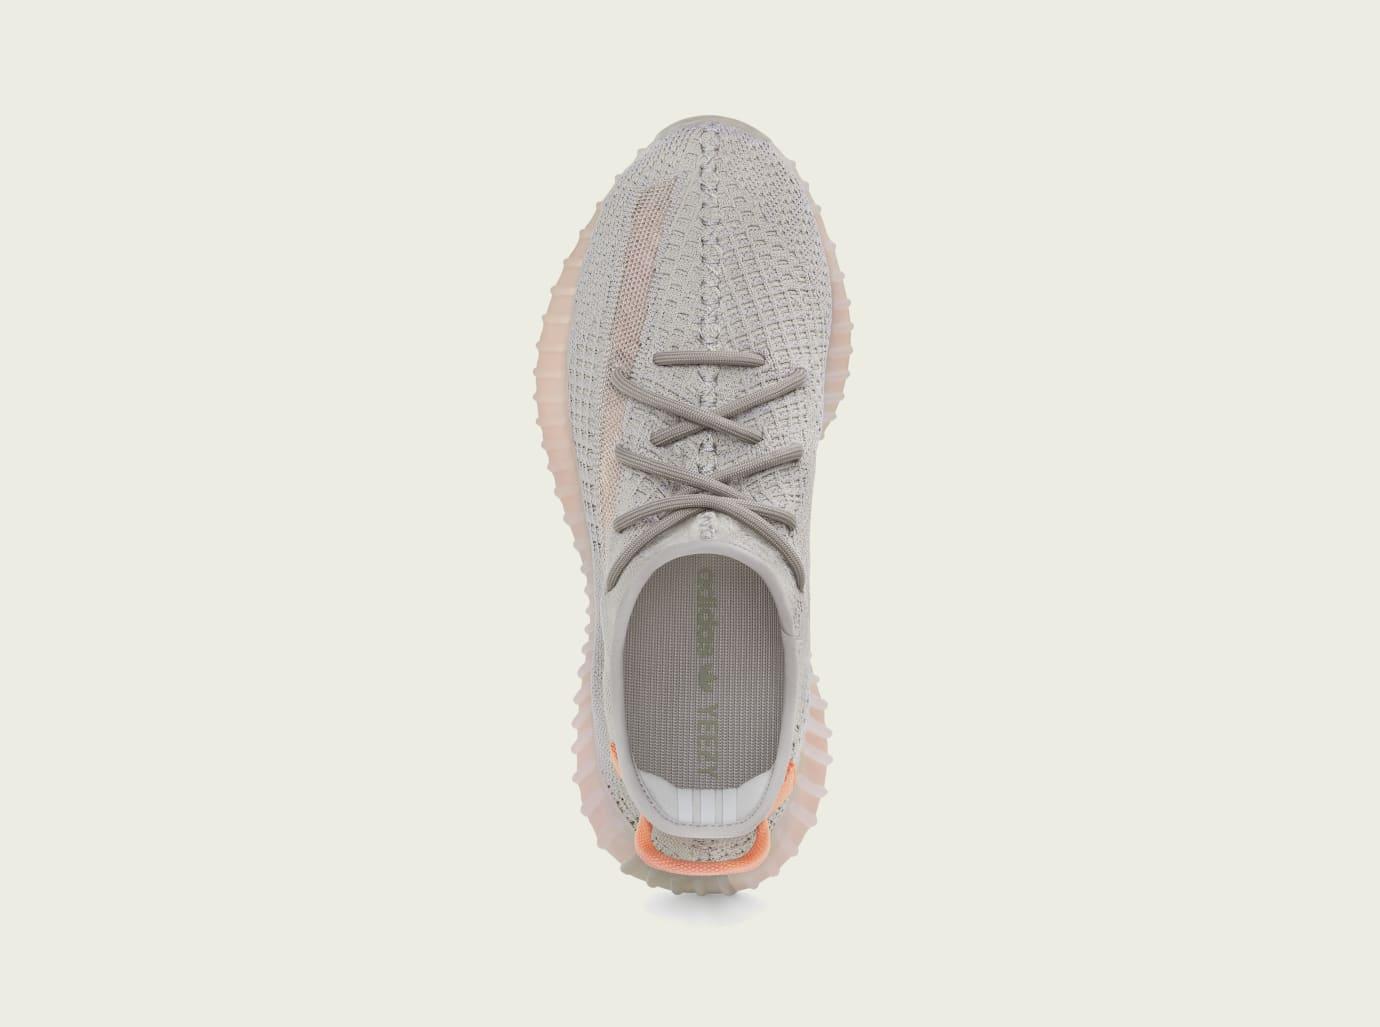 03-adidas-yeezy-boost-350-v2-trfrm-eg7492